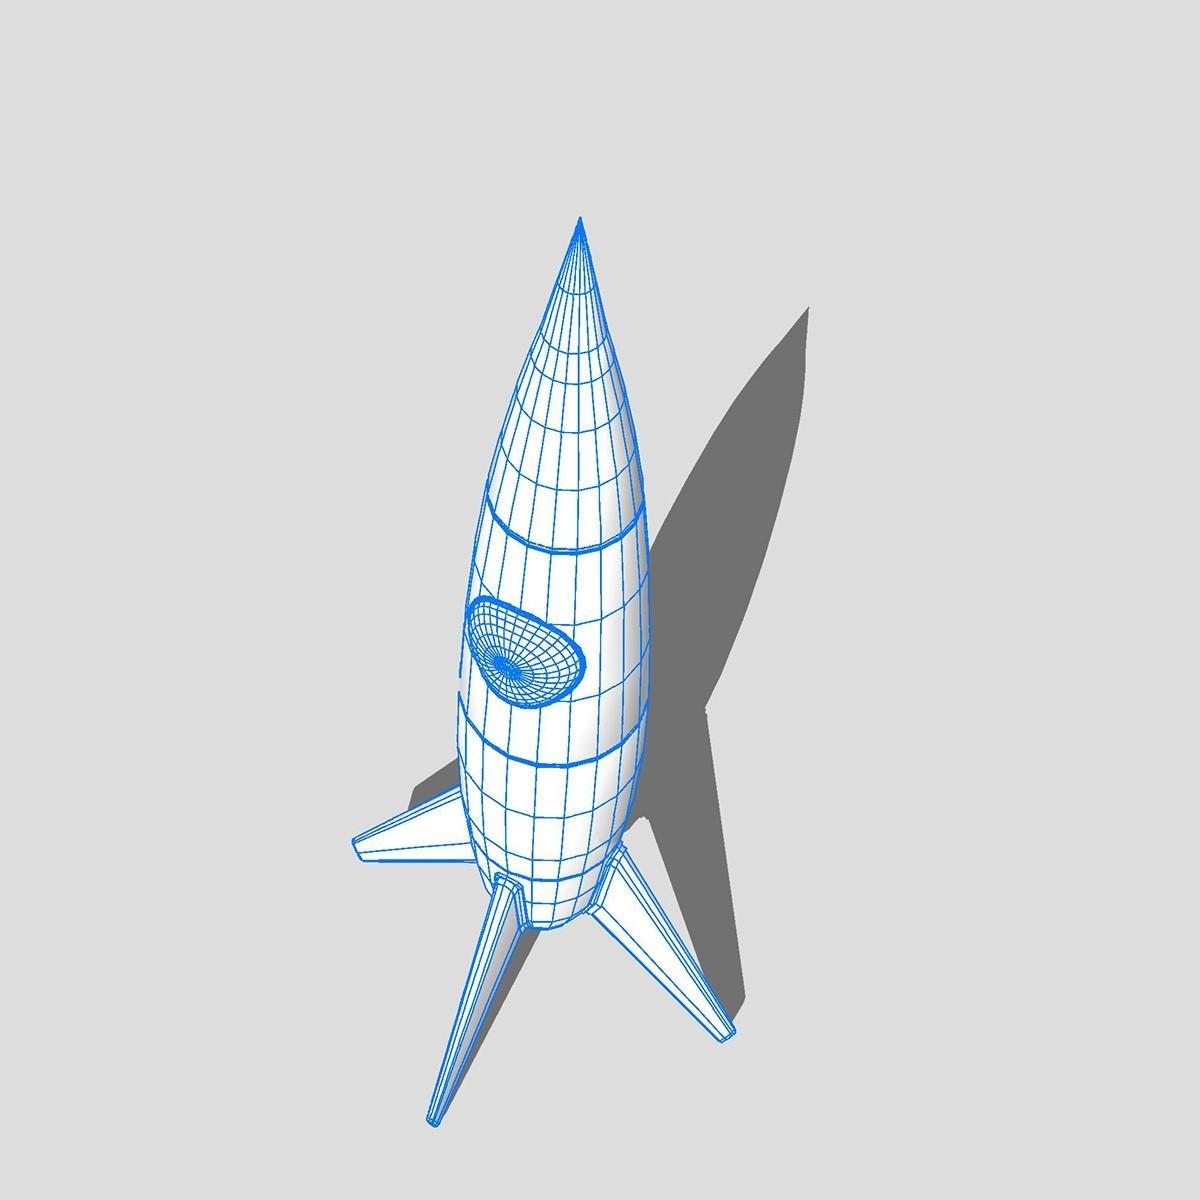 transport_pack_wairframe_0002.jpg Download STL file rocket • 3D printable design, scifikid